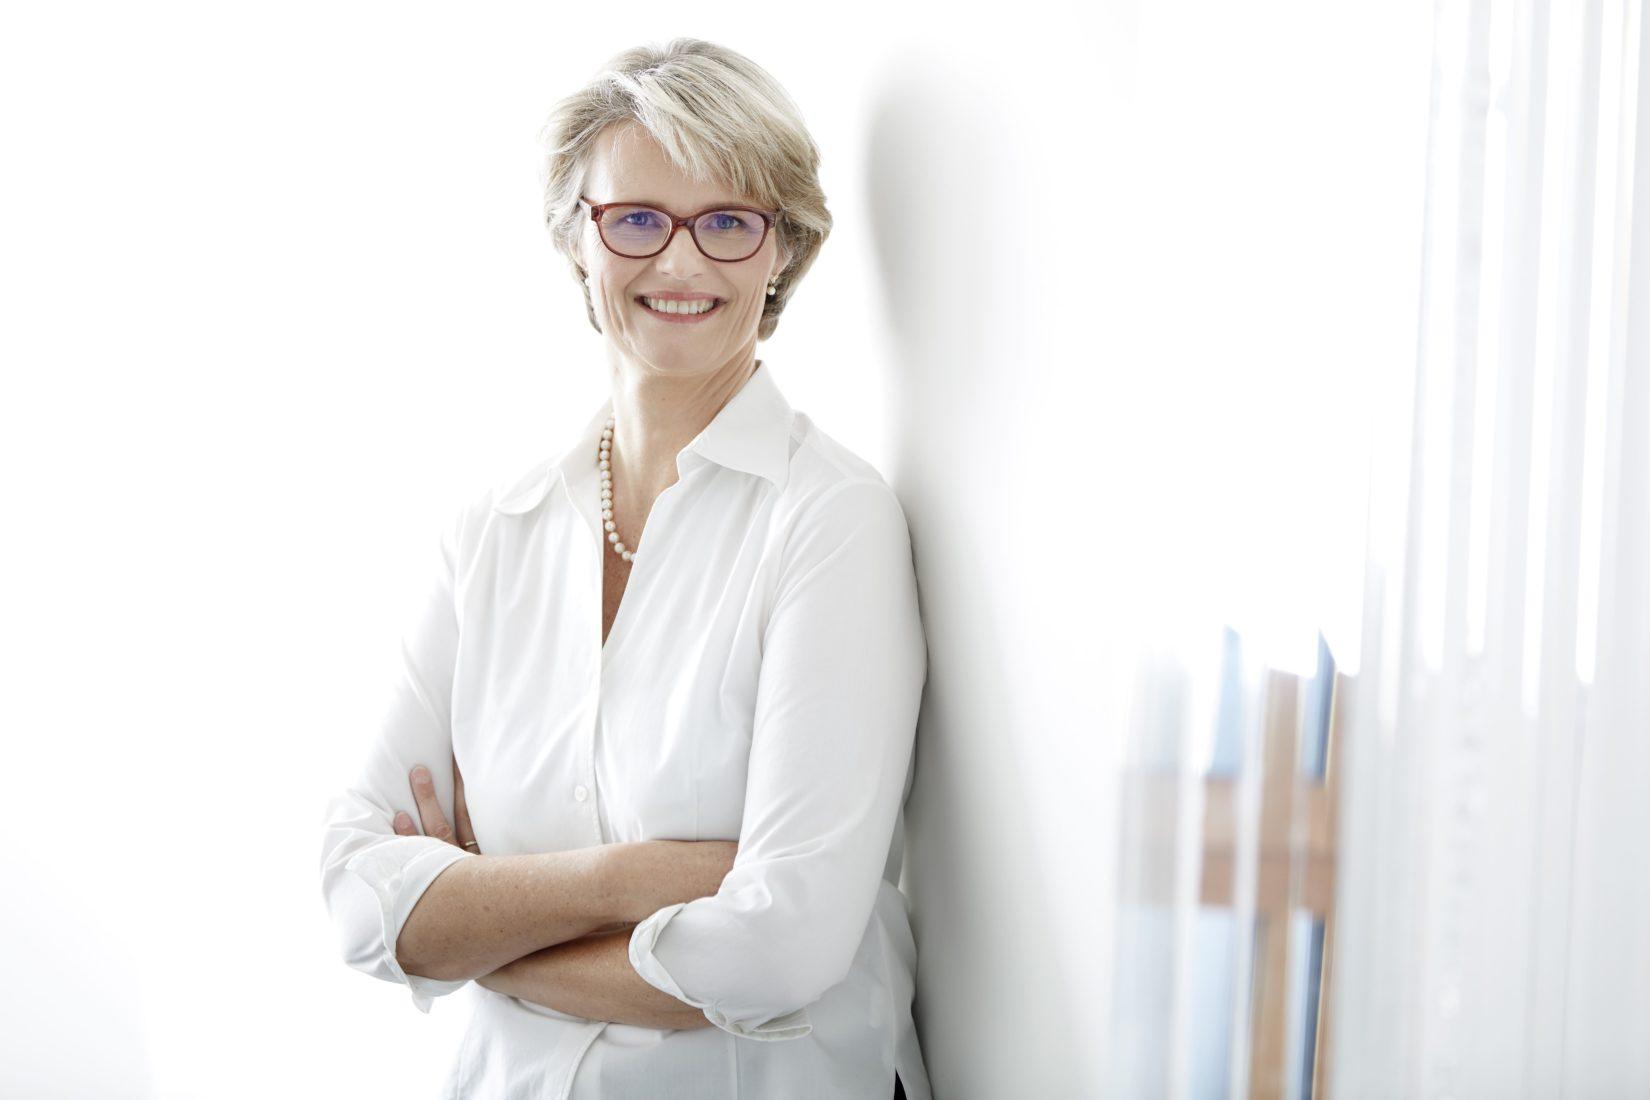 Bundesbildungsministerin Anja Karliczek stellte letzte Woche den neuen Berufsbildungsbericht vor. Foto: BMBF/Laurence Chaperon